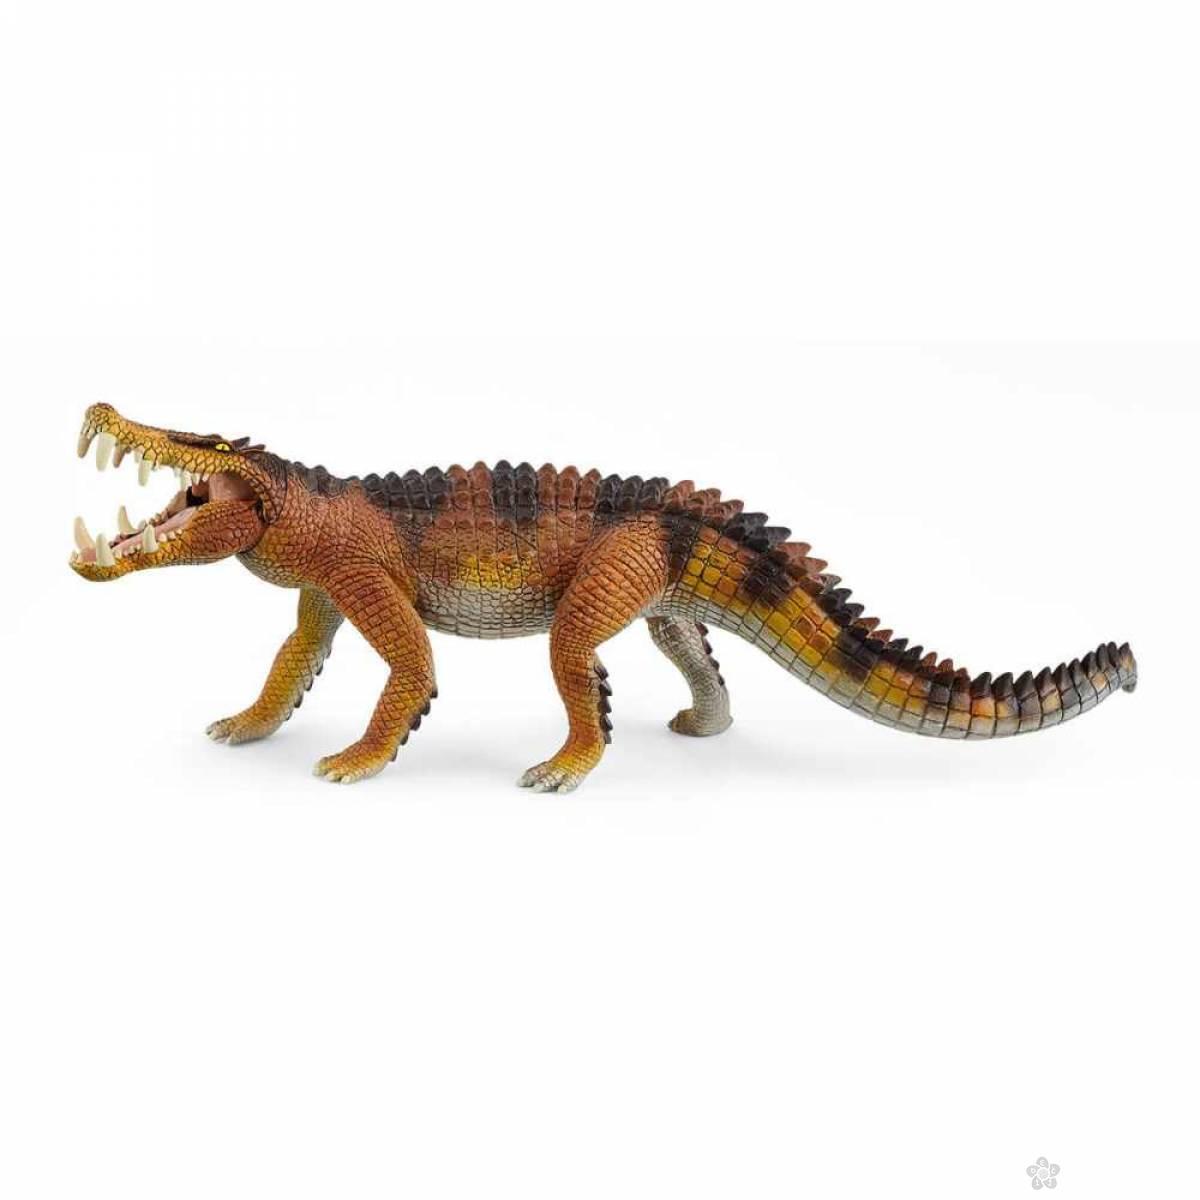 Kaprosauchus